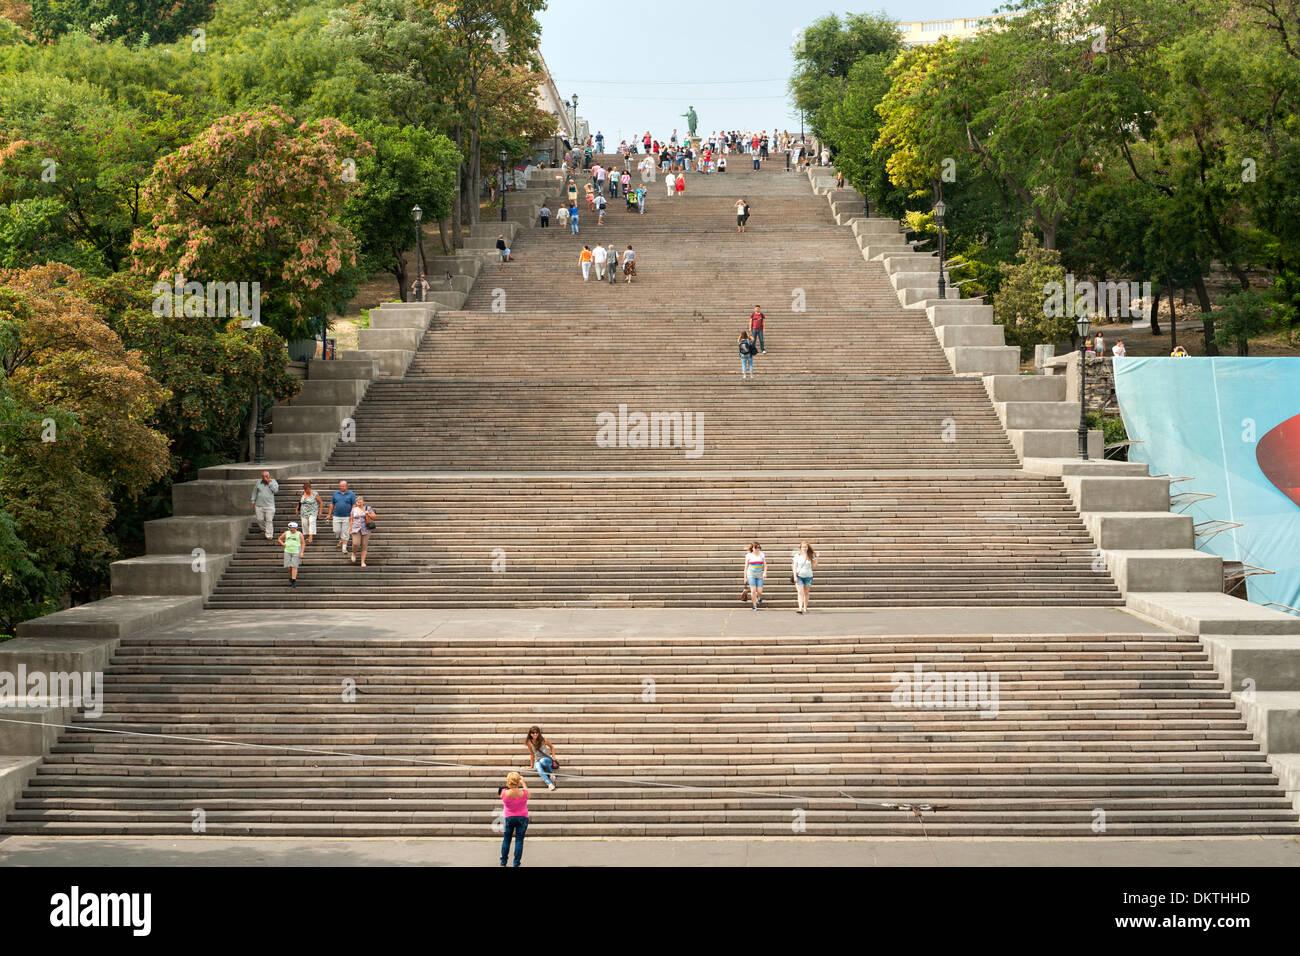 L'Escalier de Potemkine, un escalier géant à Odessa, Ukraine. Photo Stock